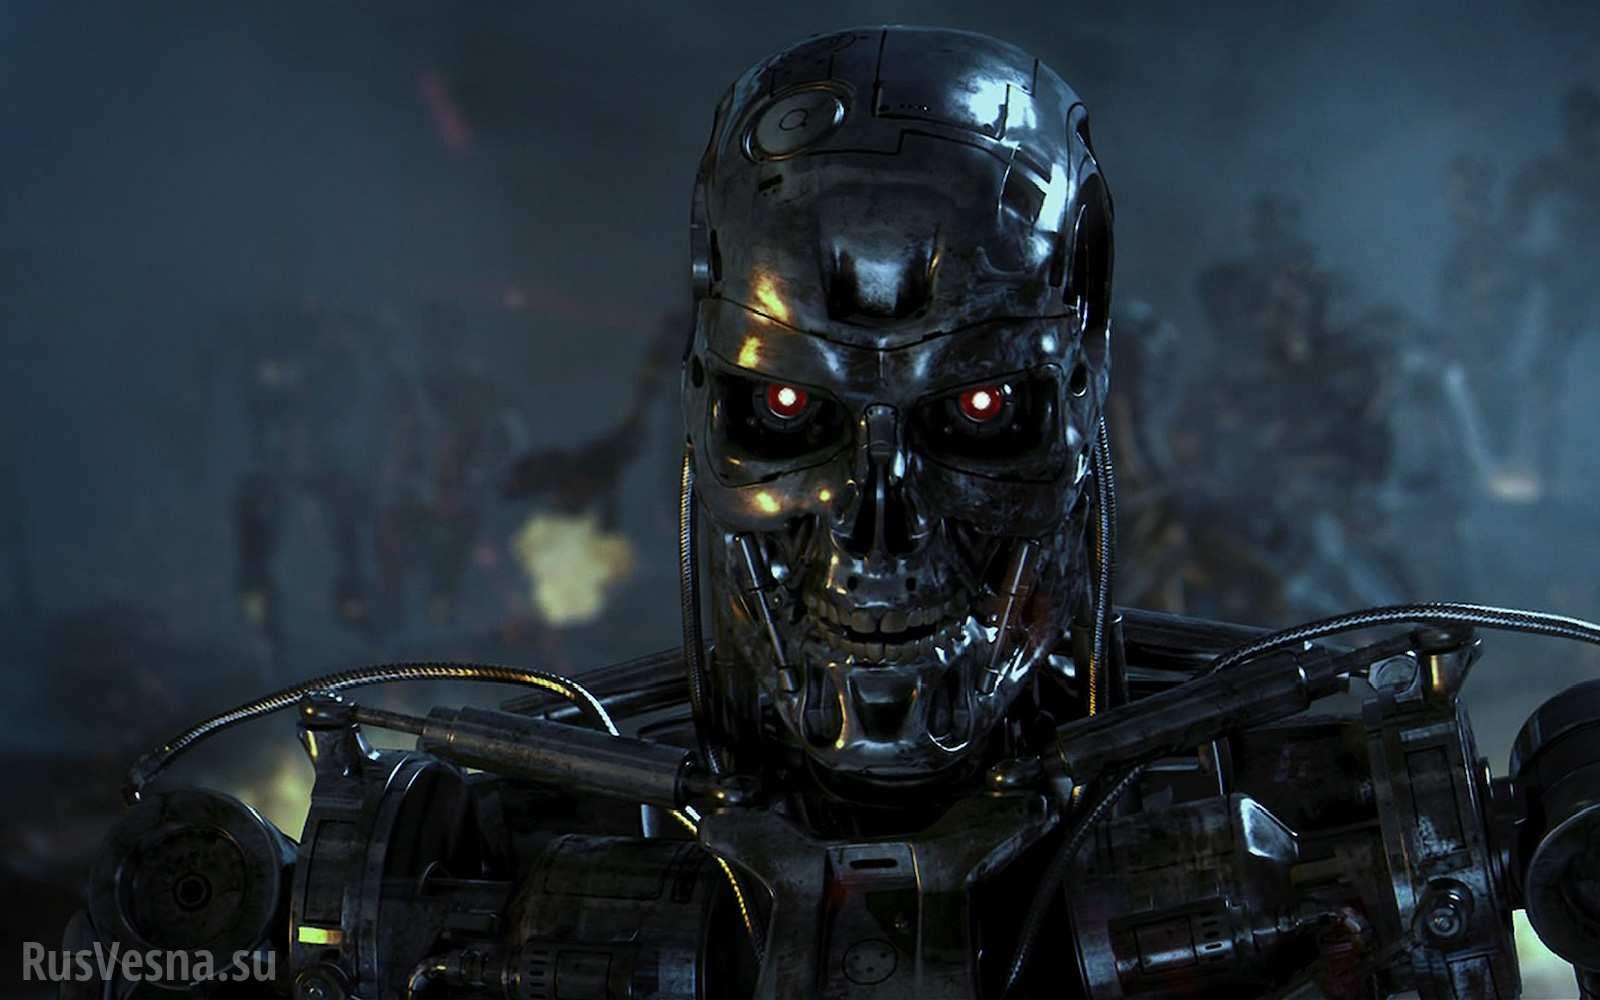 ВИраке собрали боевого робота для борьбы сИГИЛ